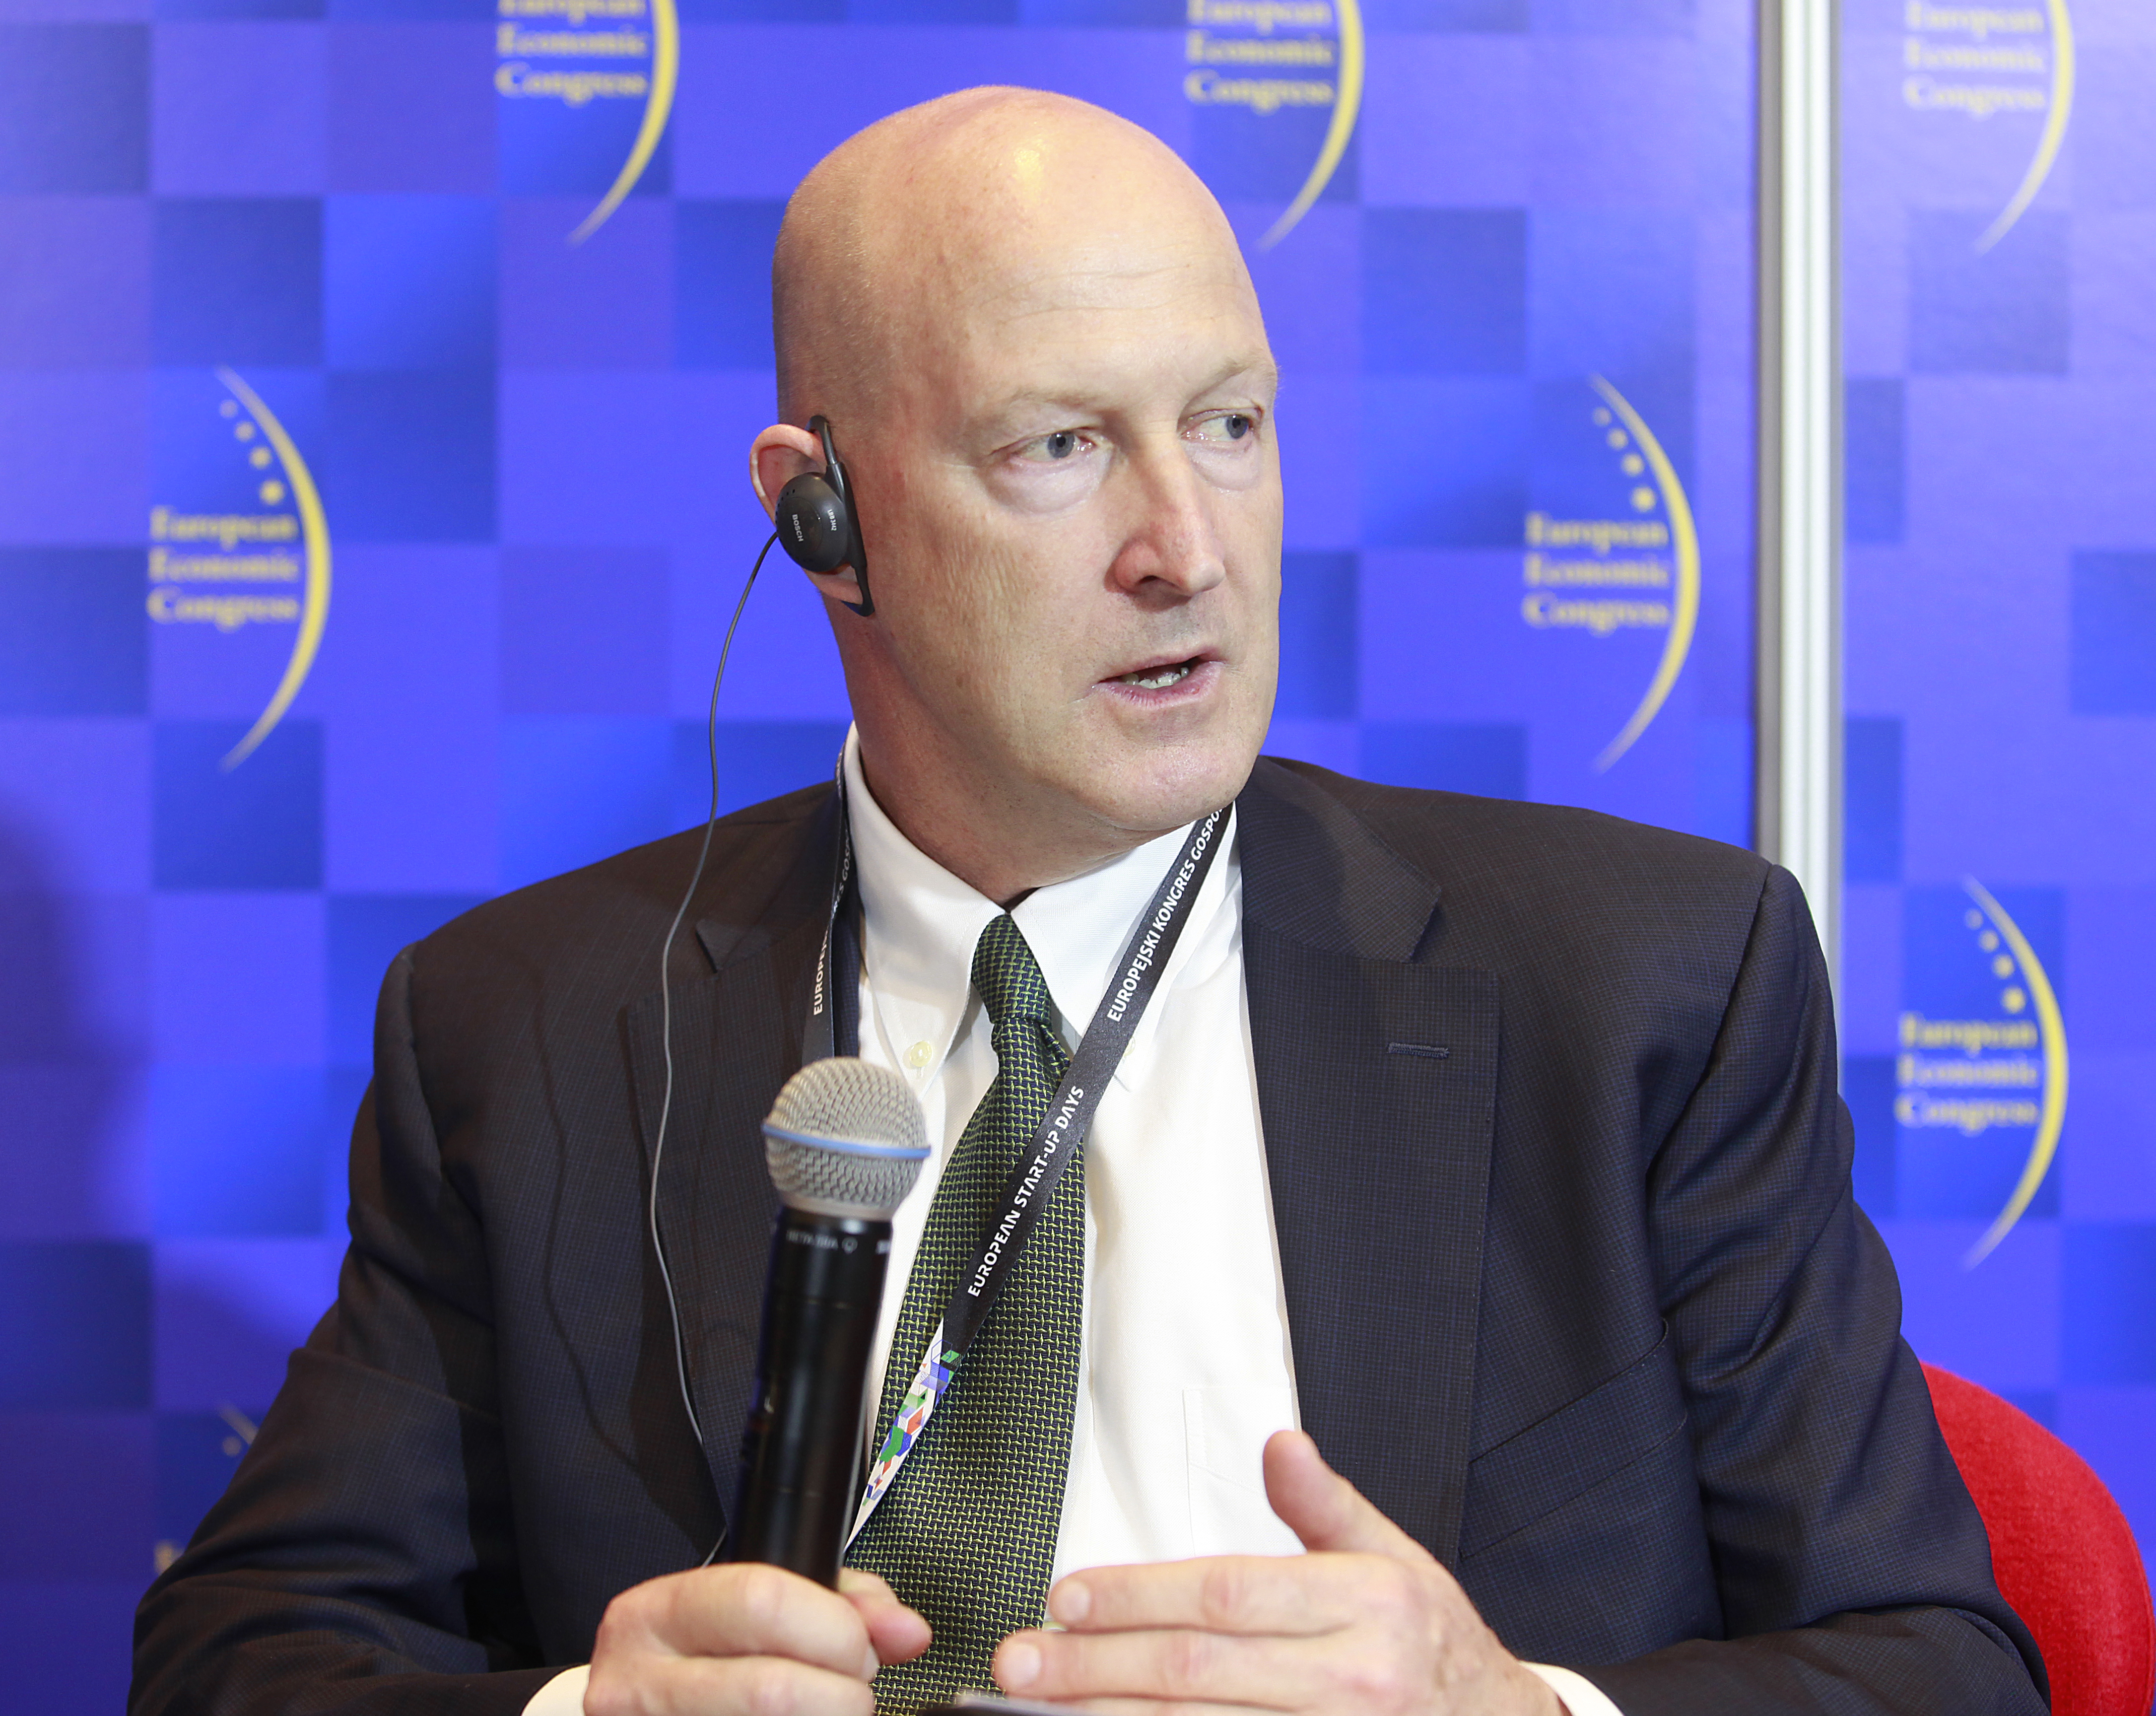 Ian Brzezinski, ekspert ds. polityki zagranicznej i spraw wojskowych. Fot. PTWP